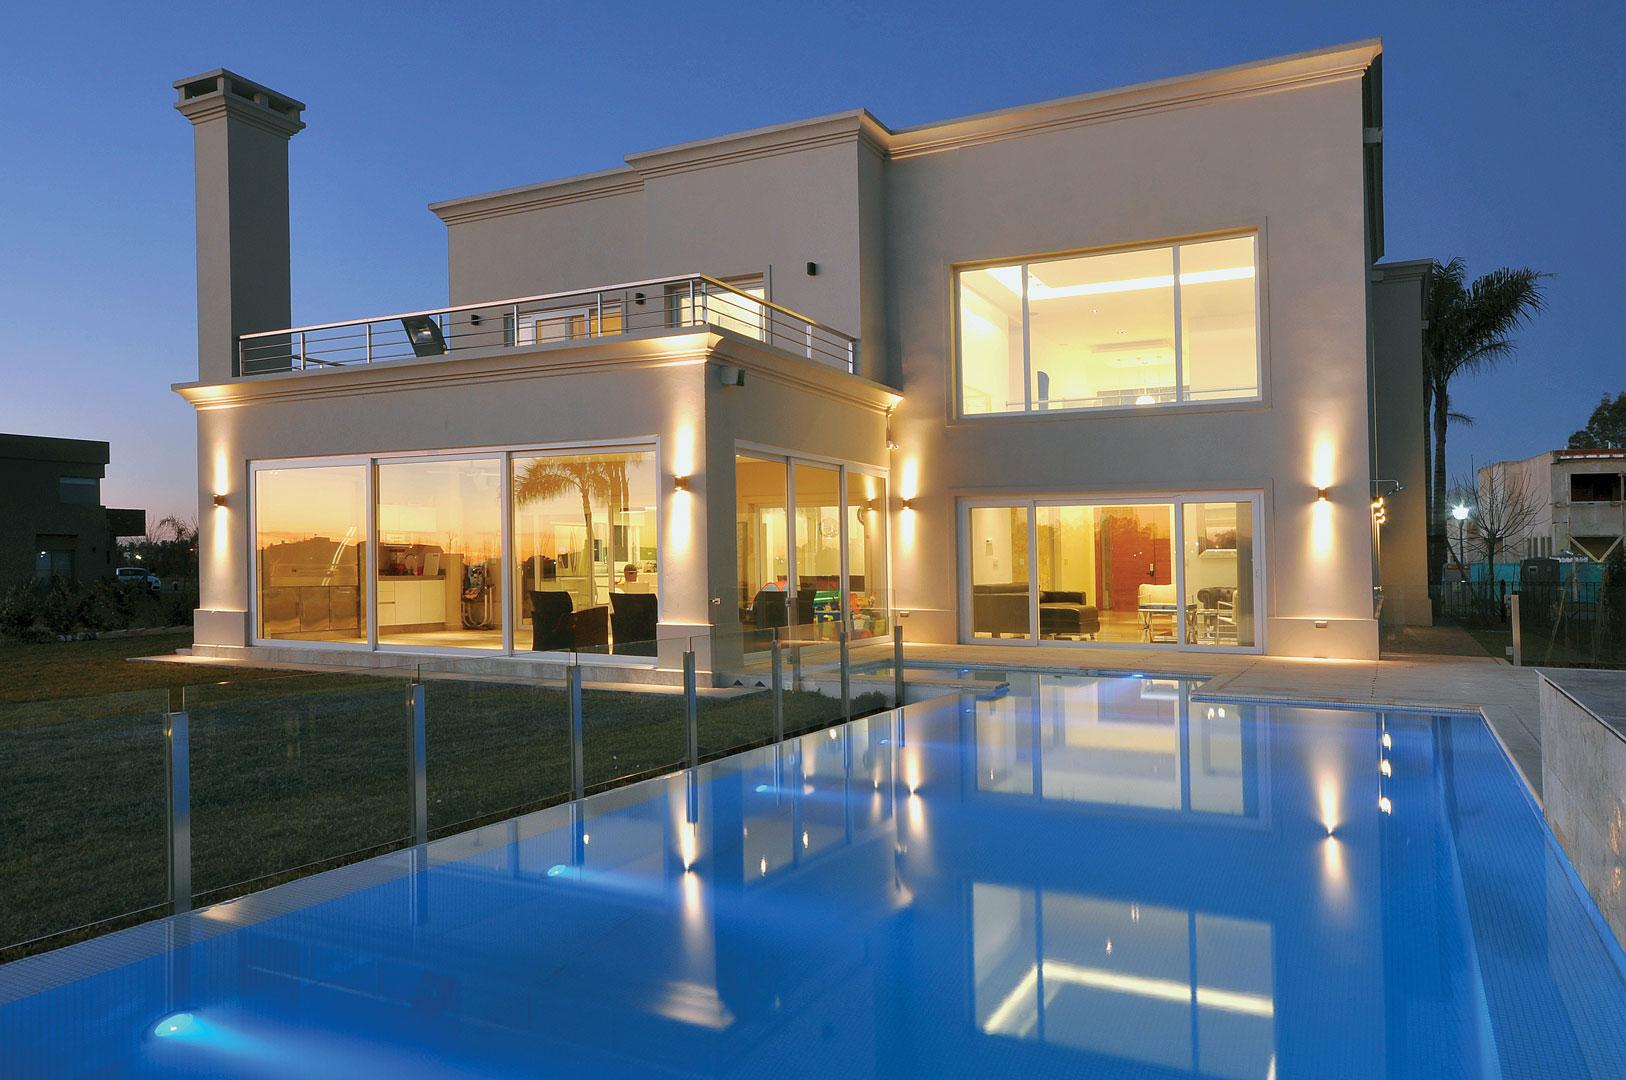 Arquitecto daniel tarr o y asociados casa est lo cl sico for Casas estilo clasico moderno